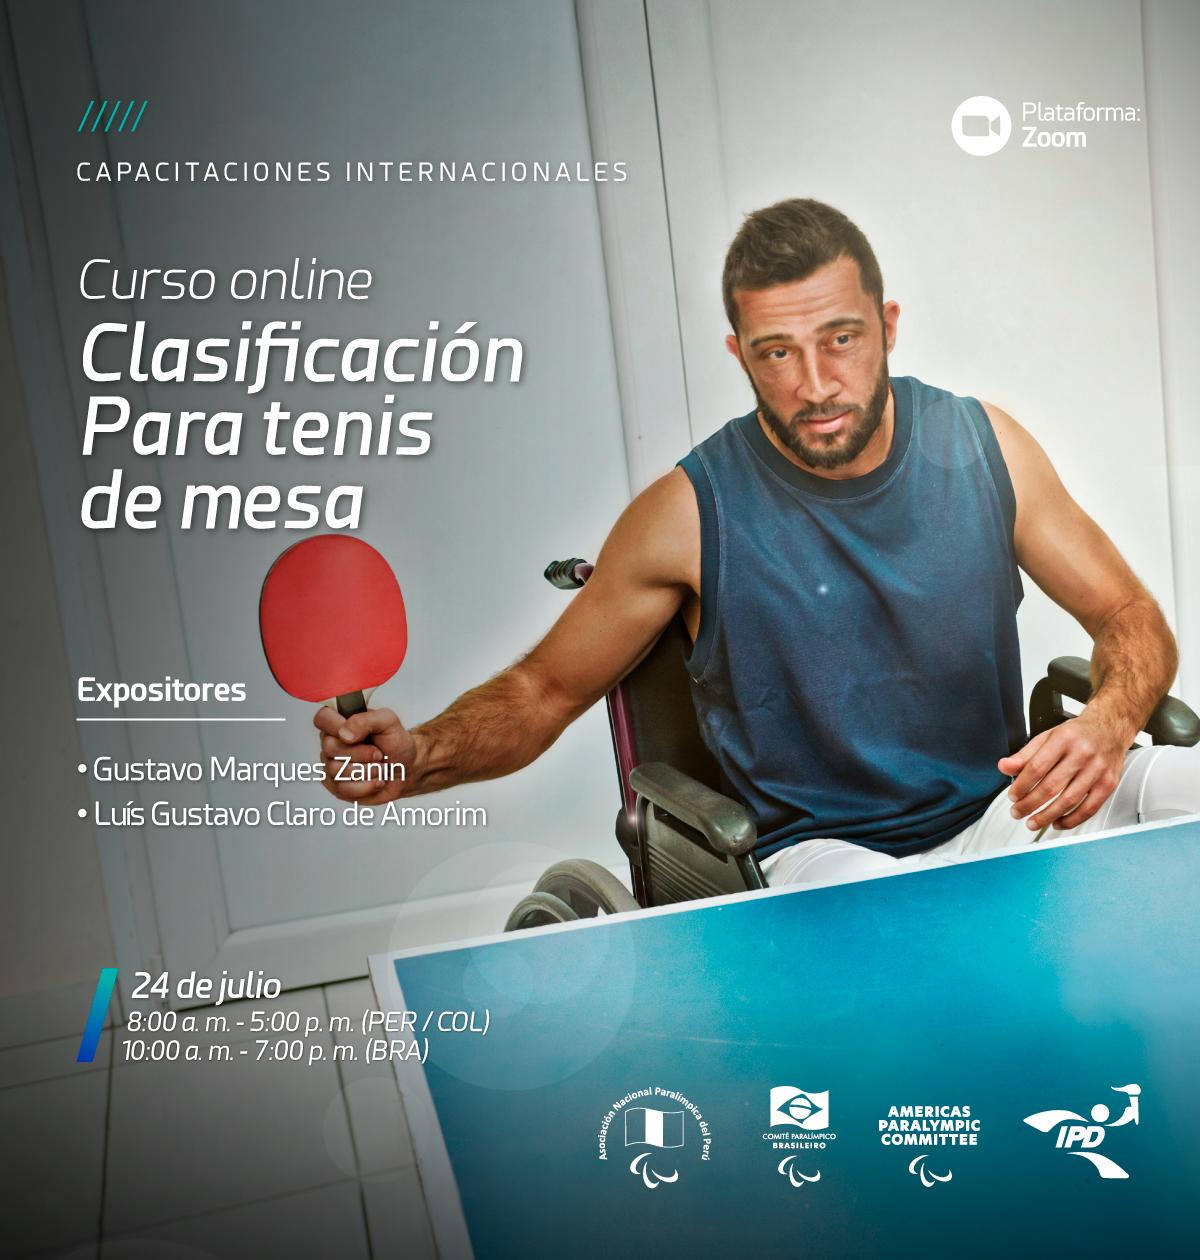 Imagem do cartaz do curso com a foto de uma atleta cadeirante com uma raquete na mão durante uma partida de tênis de mesa.